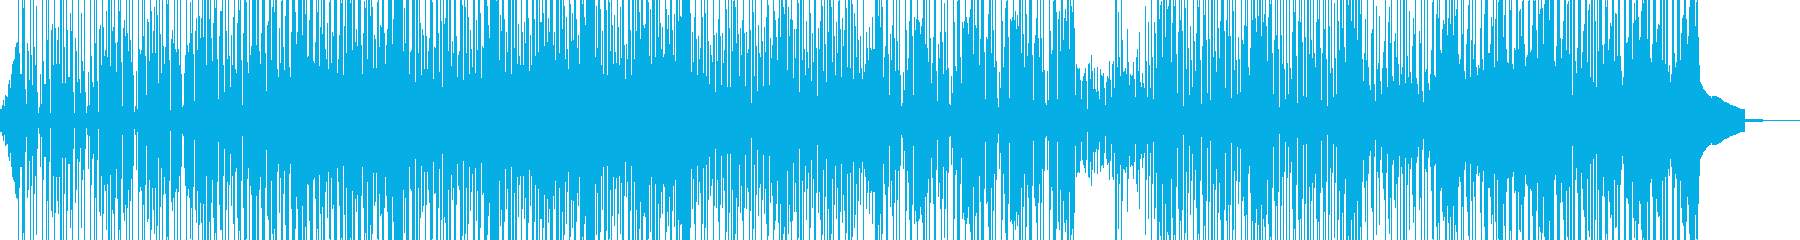 夏バテ(×ω×)無気力ポップ 表拍子Cの再生済みの波形